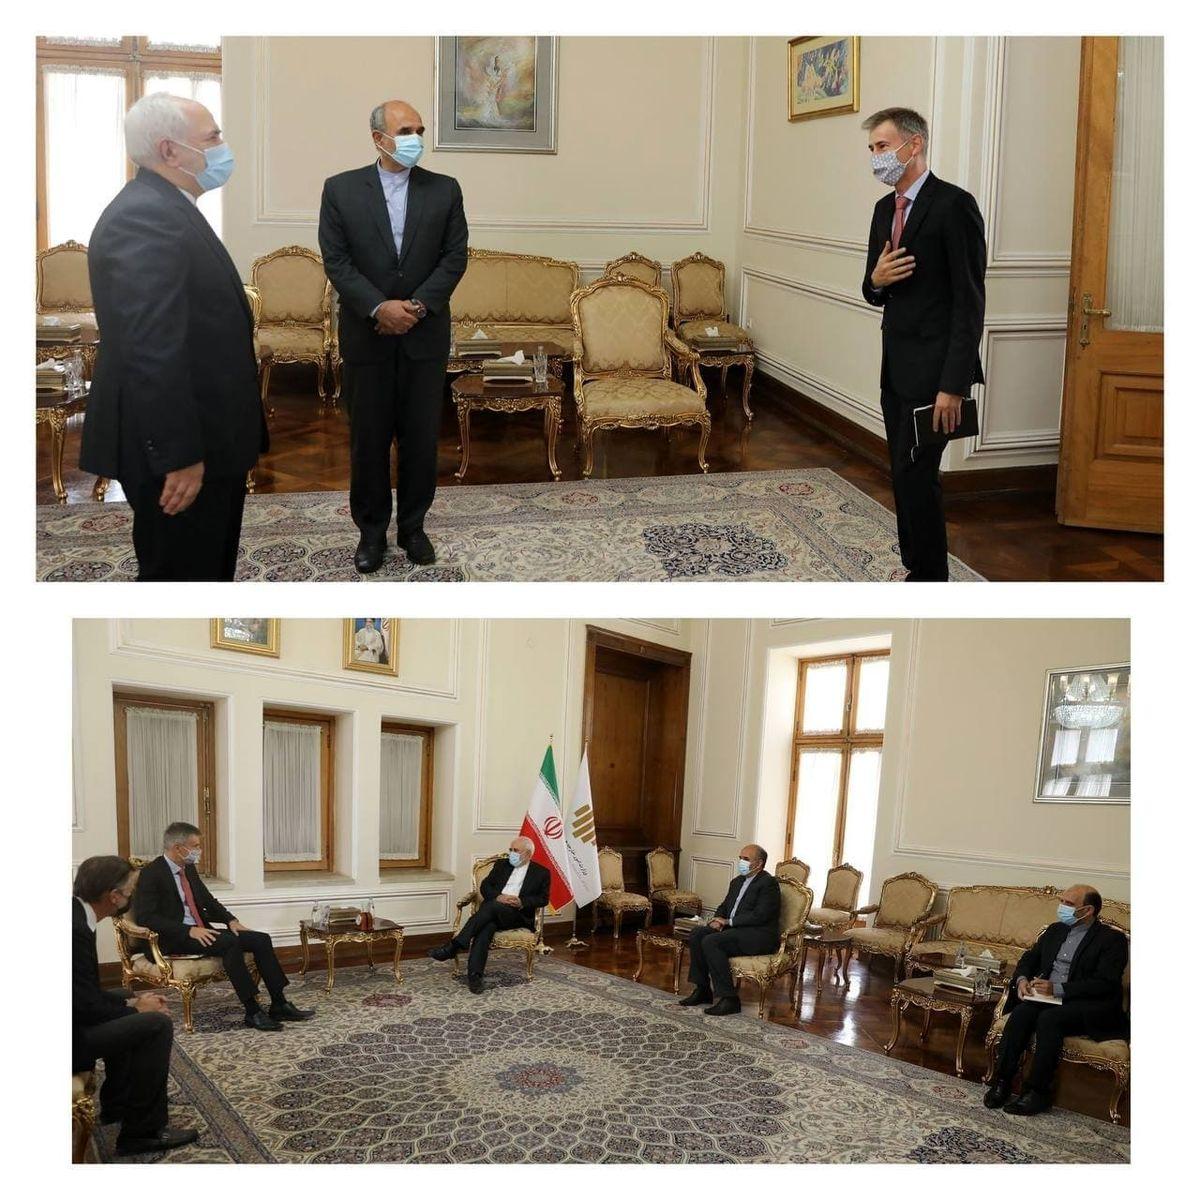 پایان ماموریت سفیر سوئیس در تهران؛ لایتنر با ظریف خداحافظی کرد